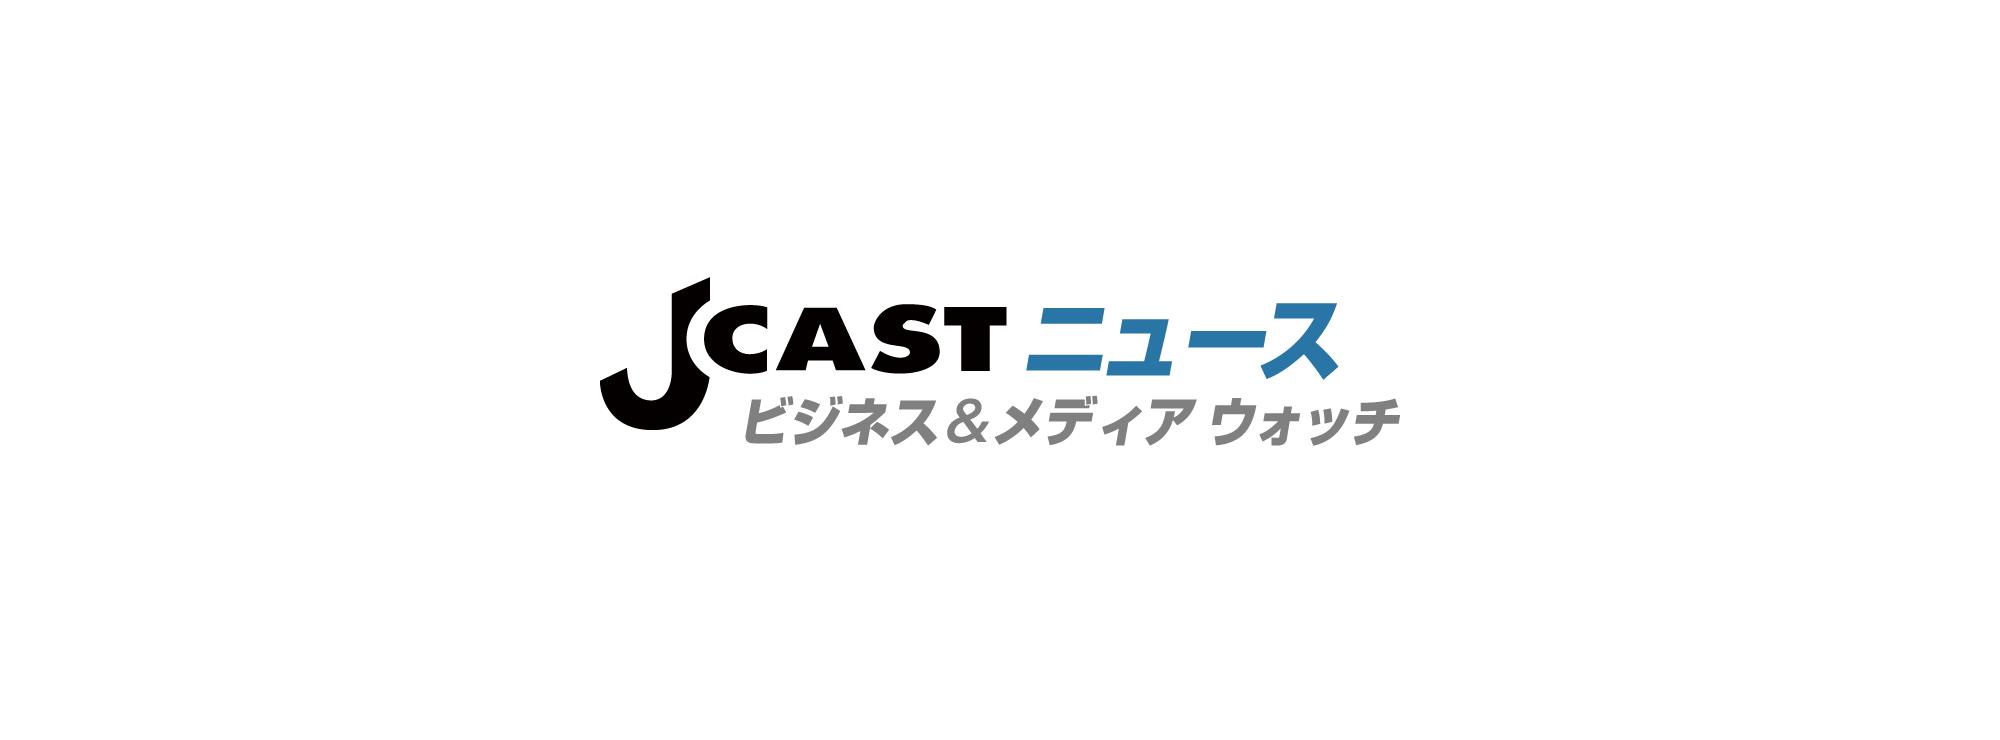 木村拓哉さんスピード違反 「2回検挙」事務所発表 : J-CASTニュース